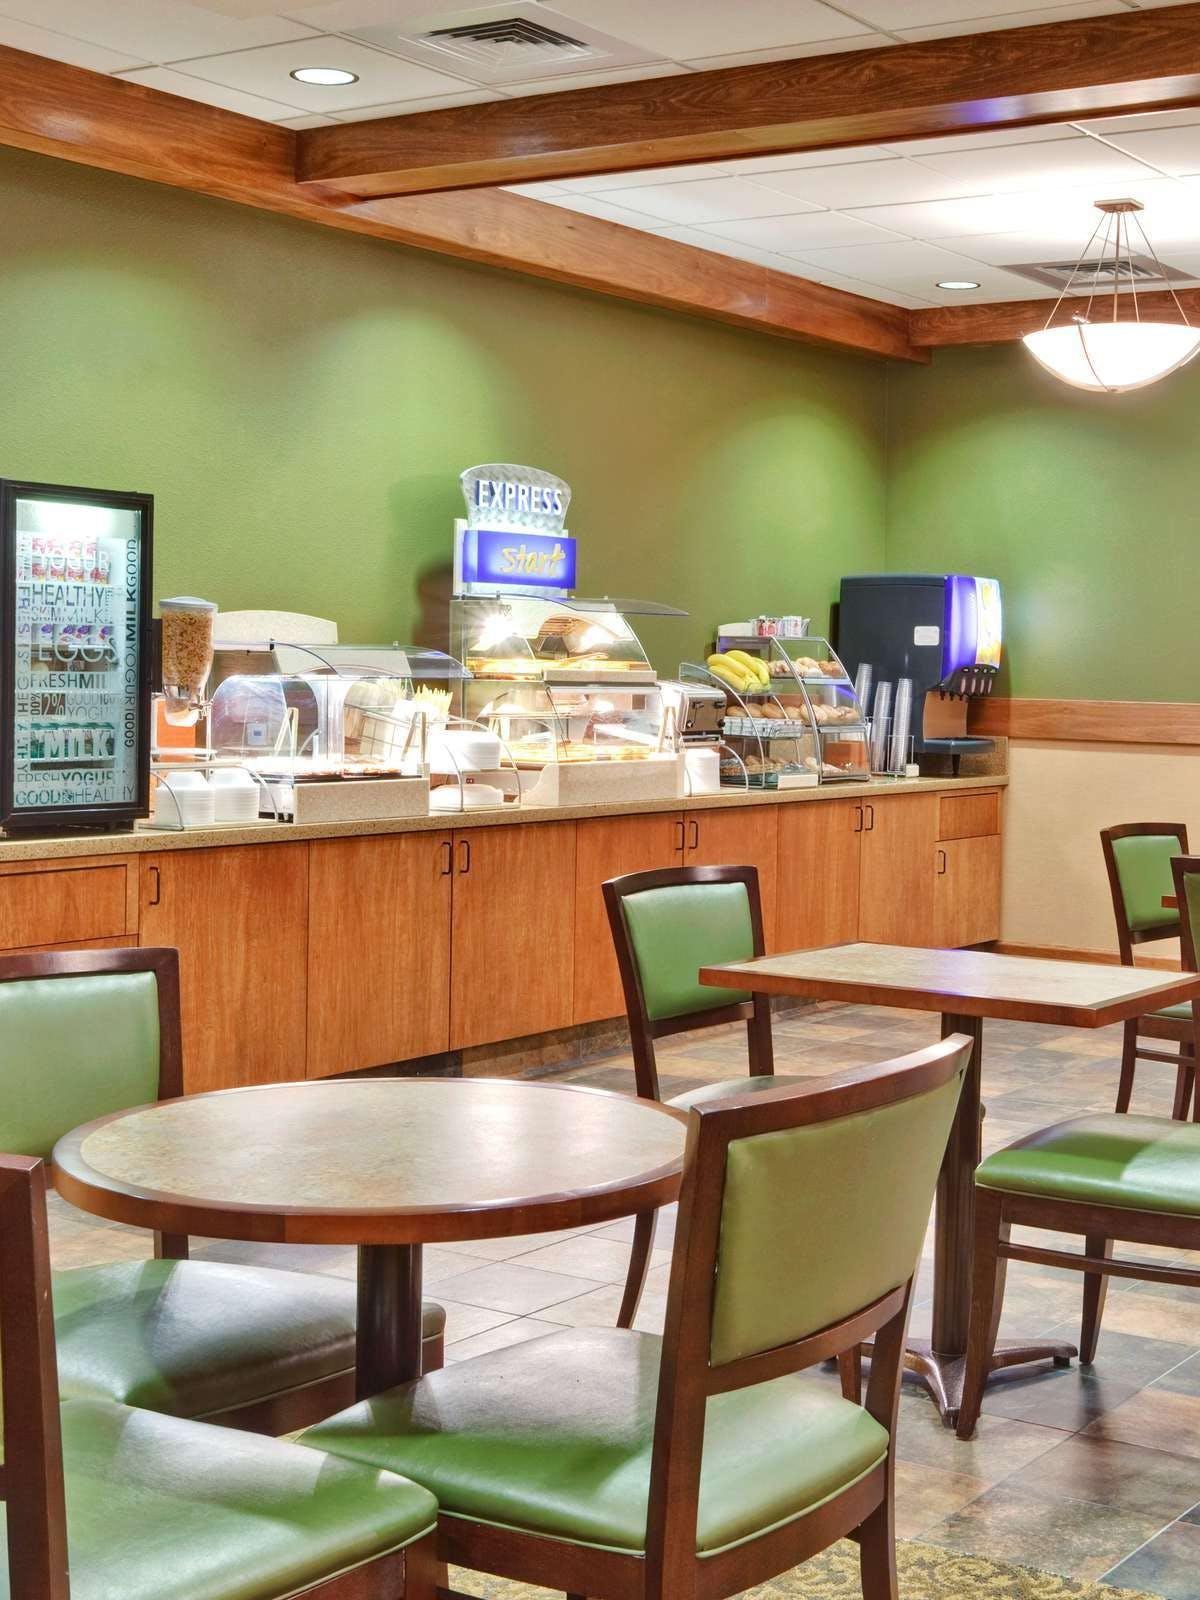 Holiday Inn Express San Luis Obispo